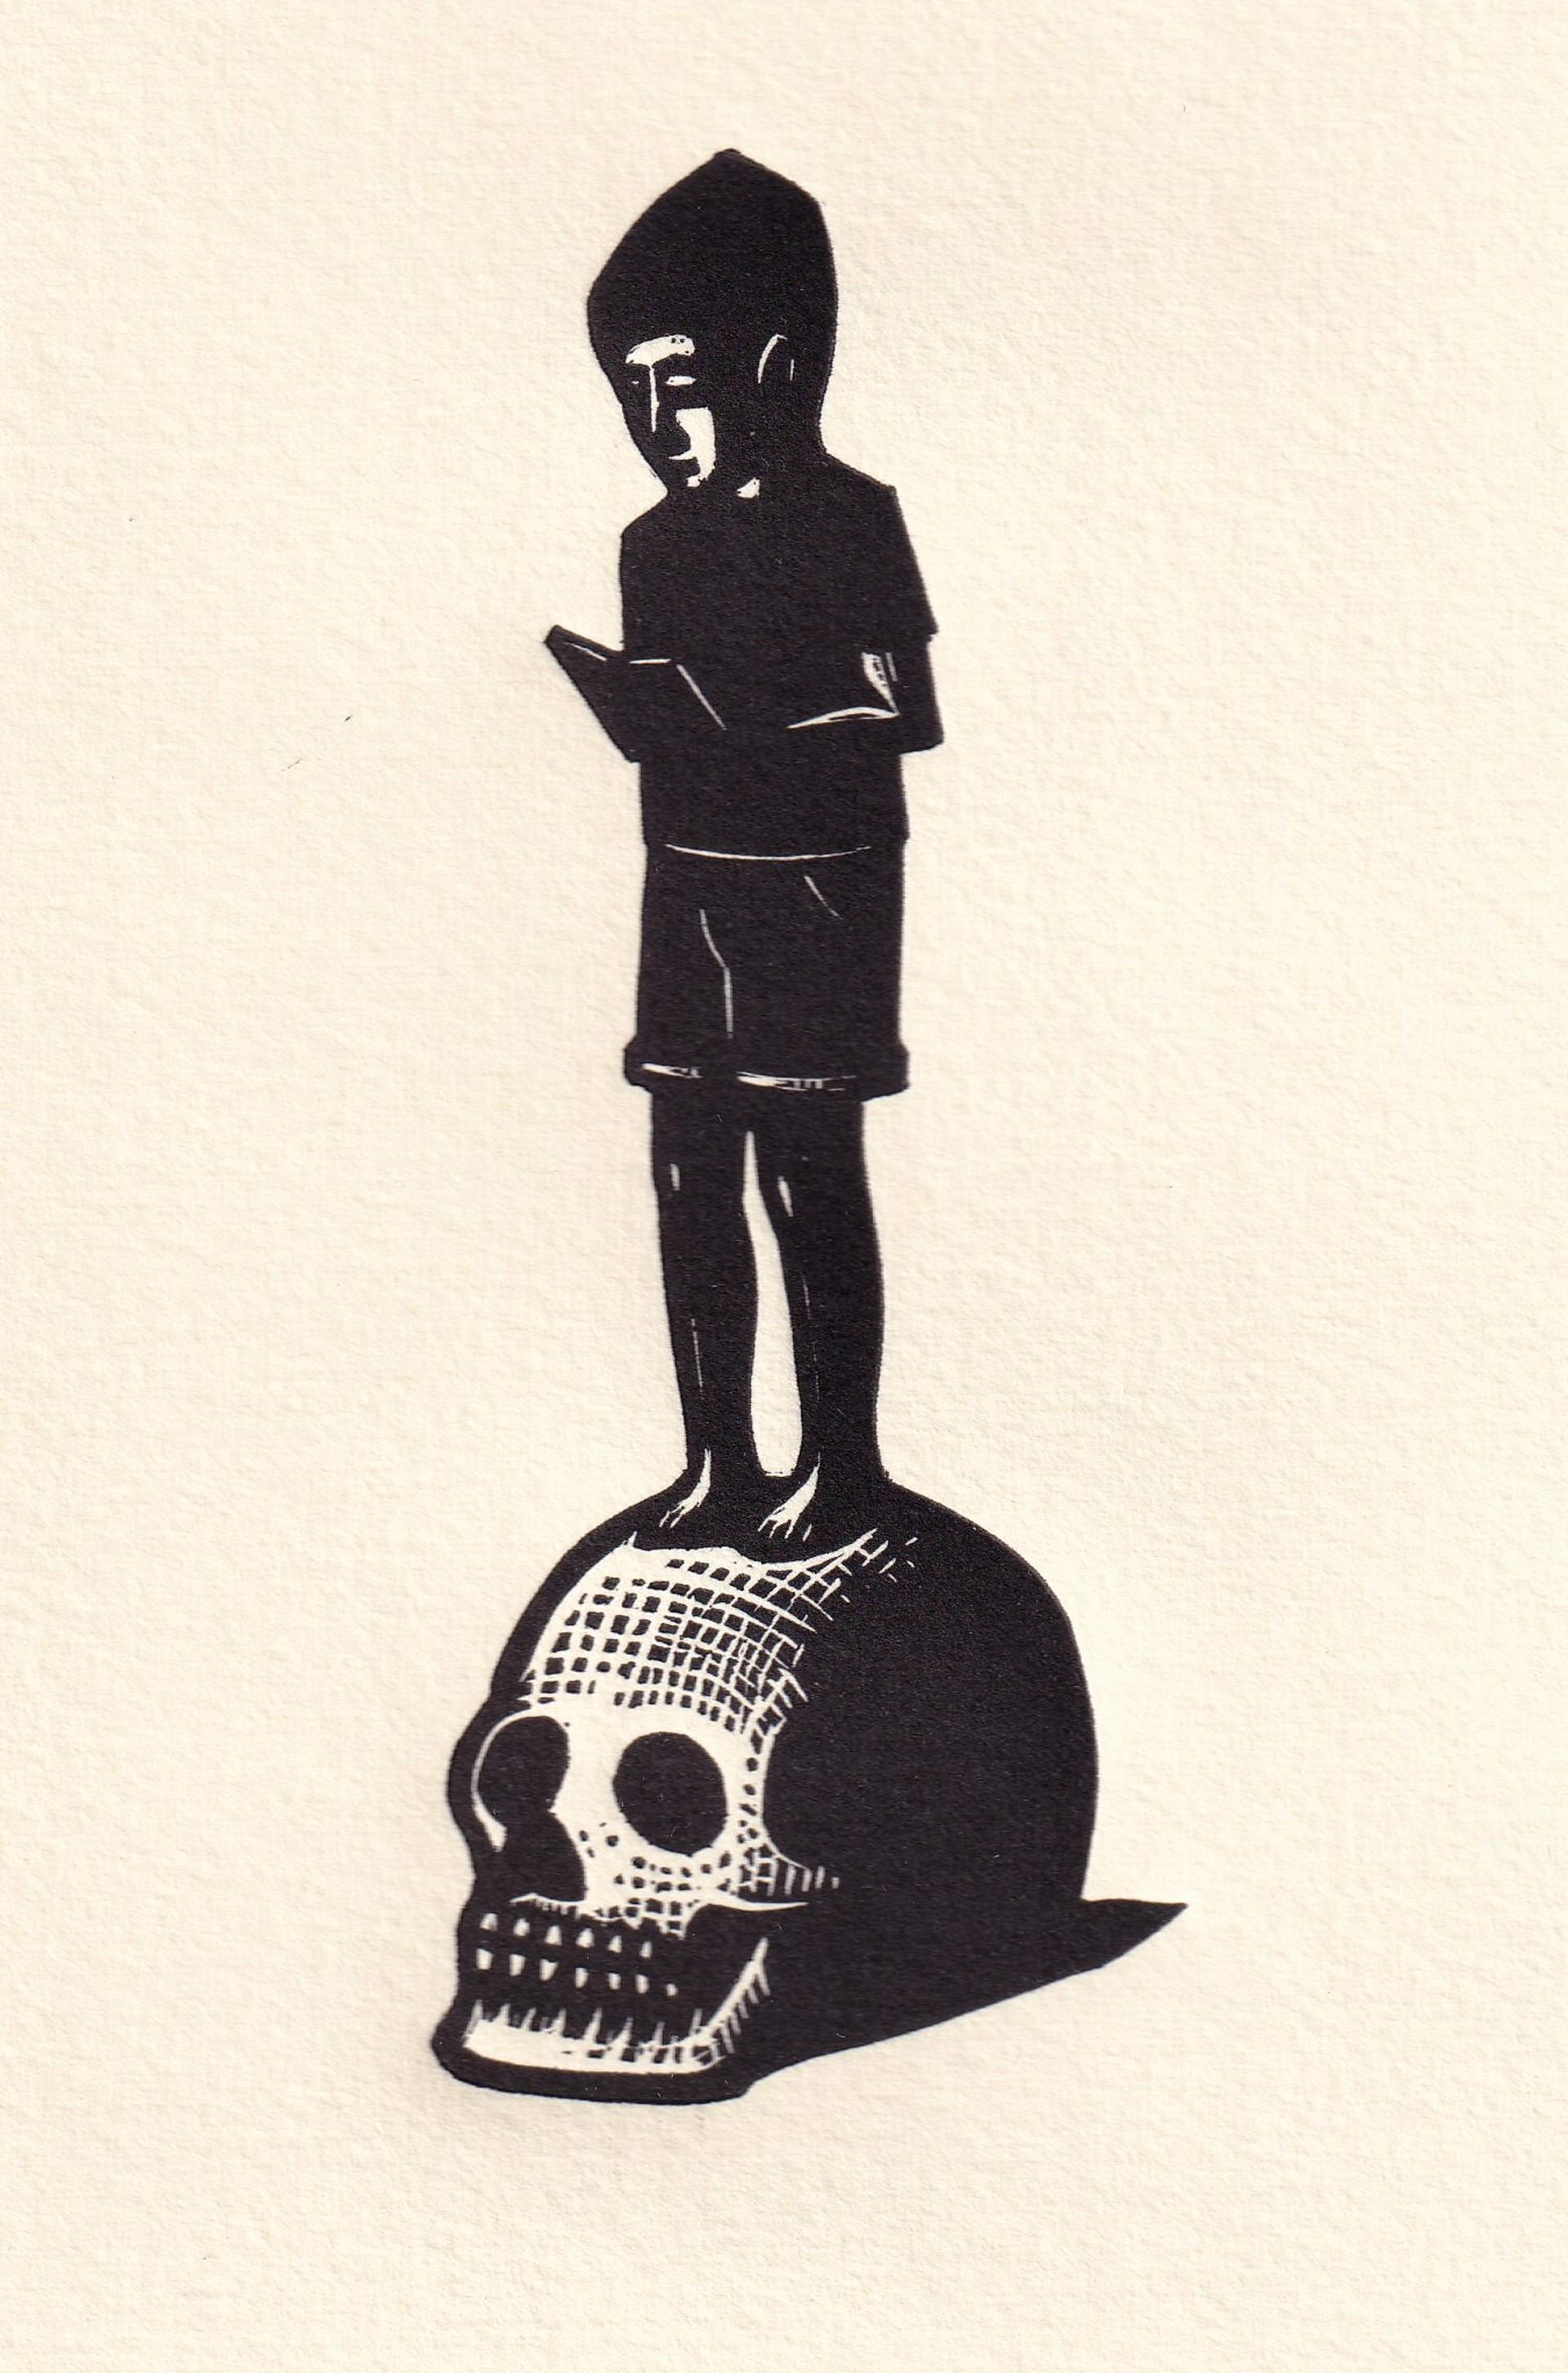 Niño Craneo by Alberto Cruz